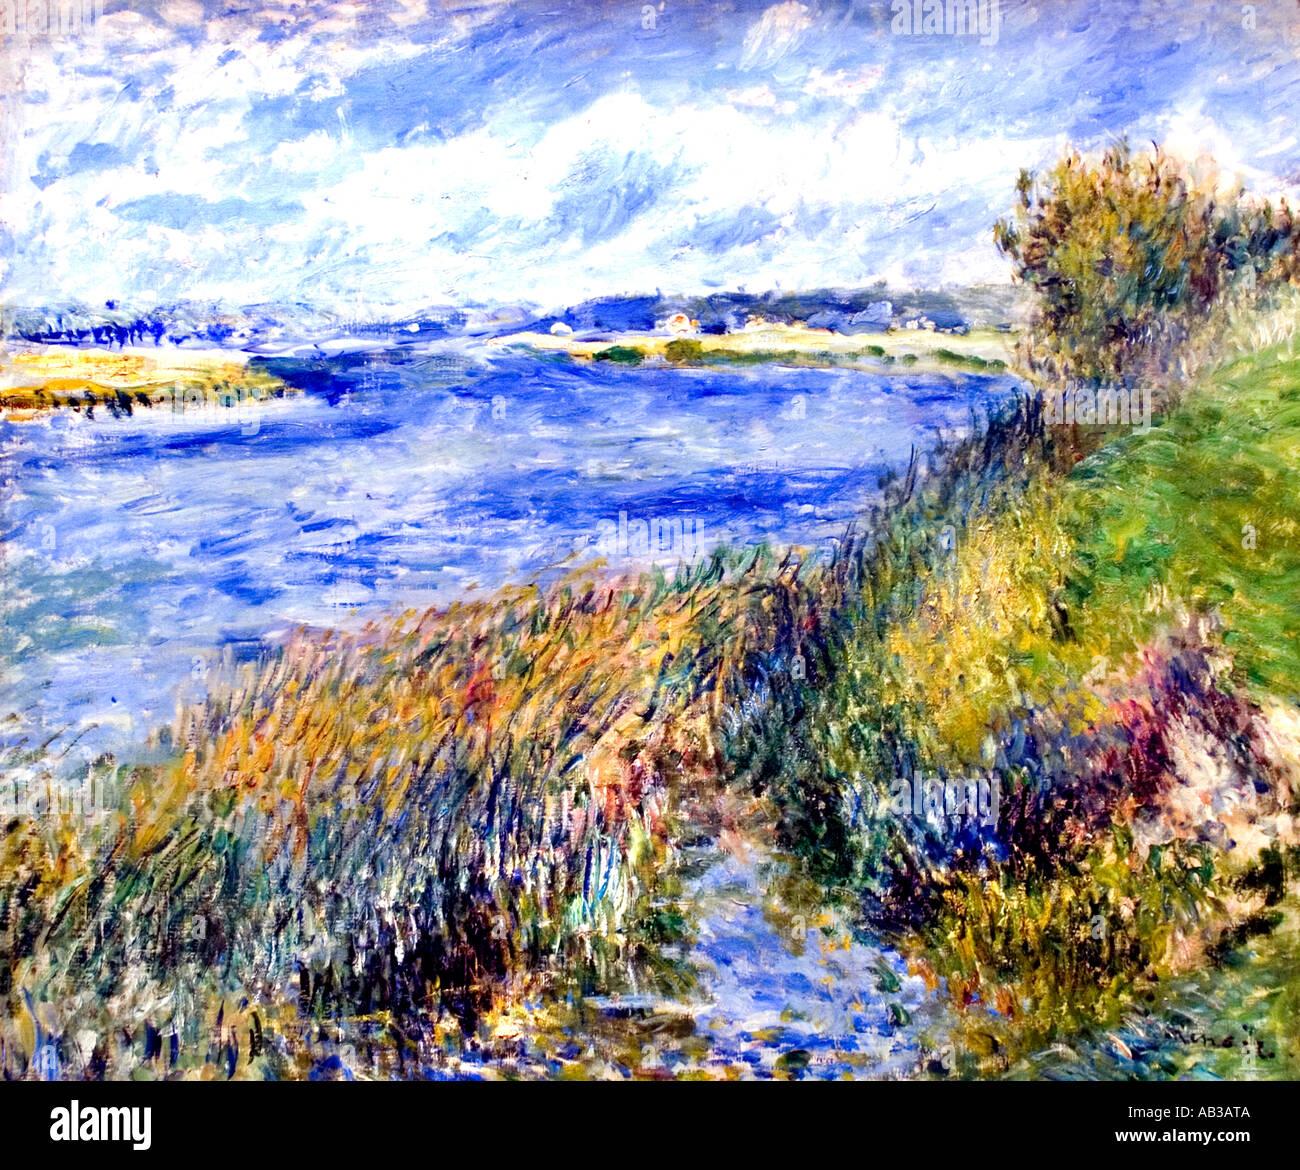 Art Painting Pierre Auguste Renoir Immagini & Art Painting Pierre ...